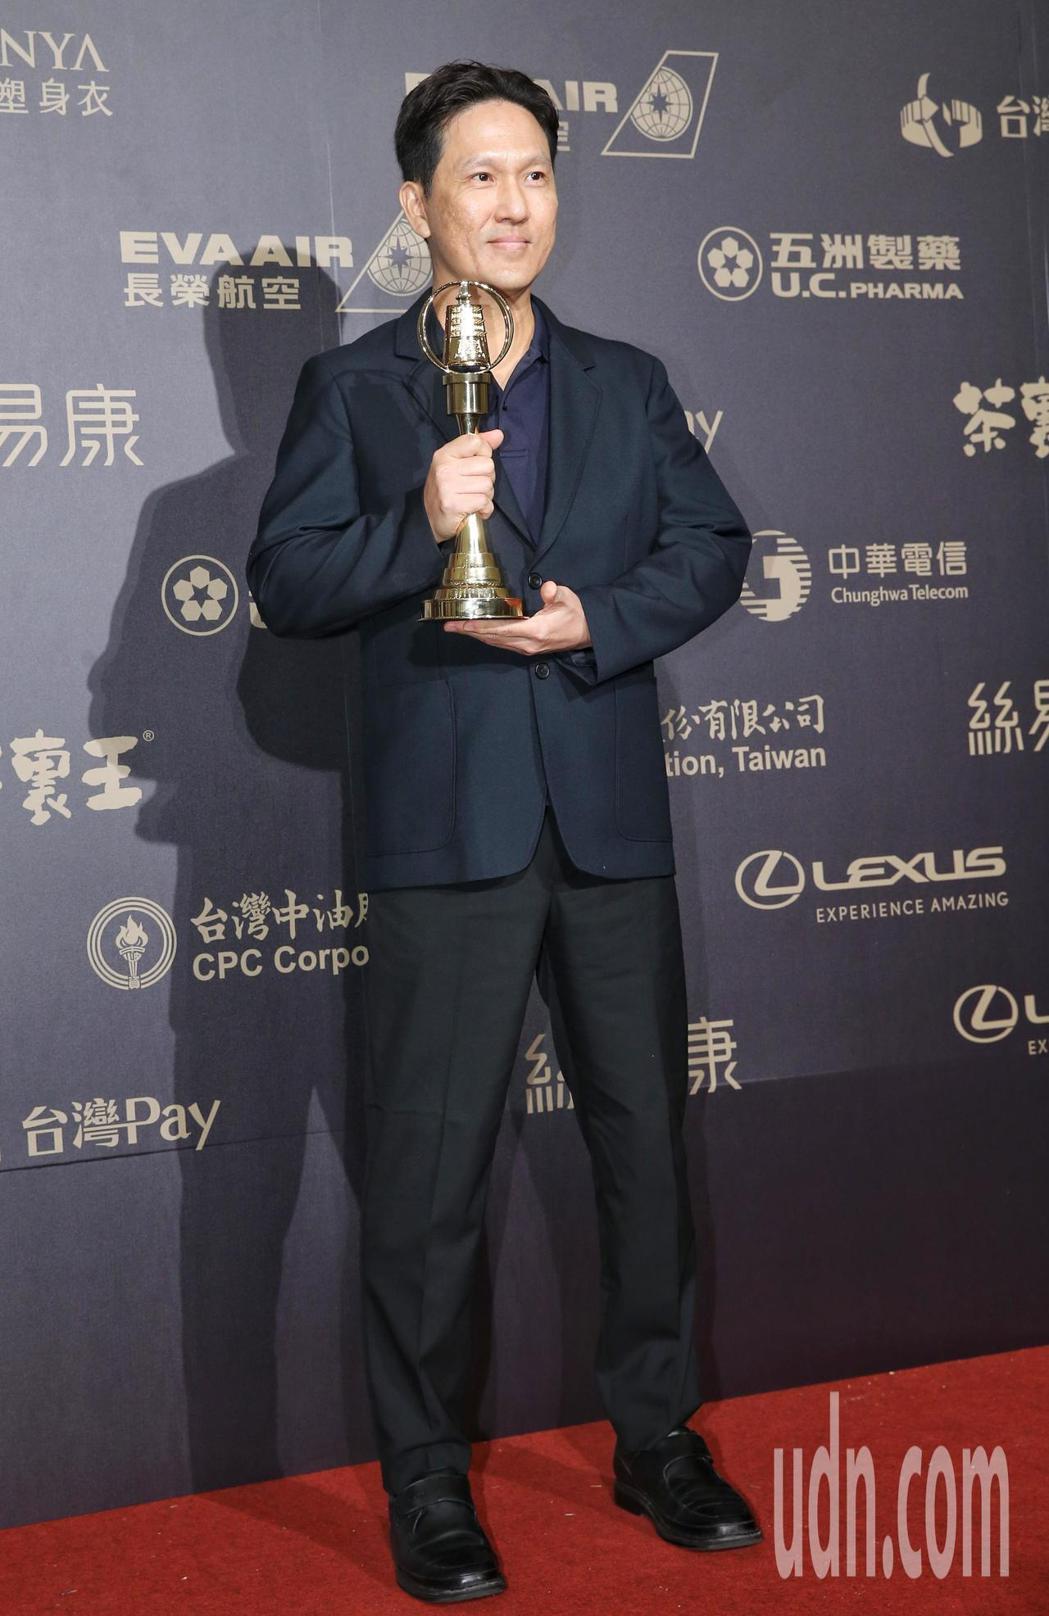 第53屆電視金鐘獎,「我是留台幫」獲得生活風格節目獎。記者鄭清元/攝影